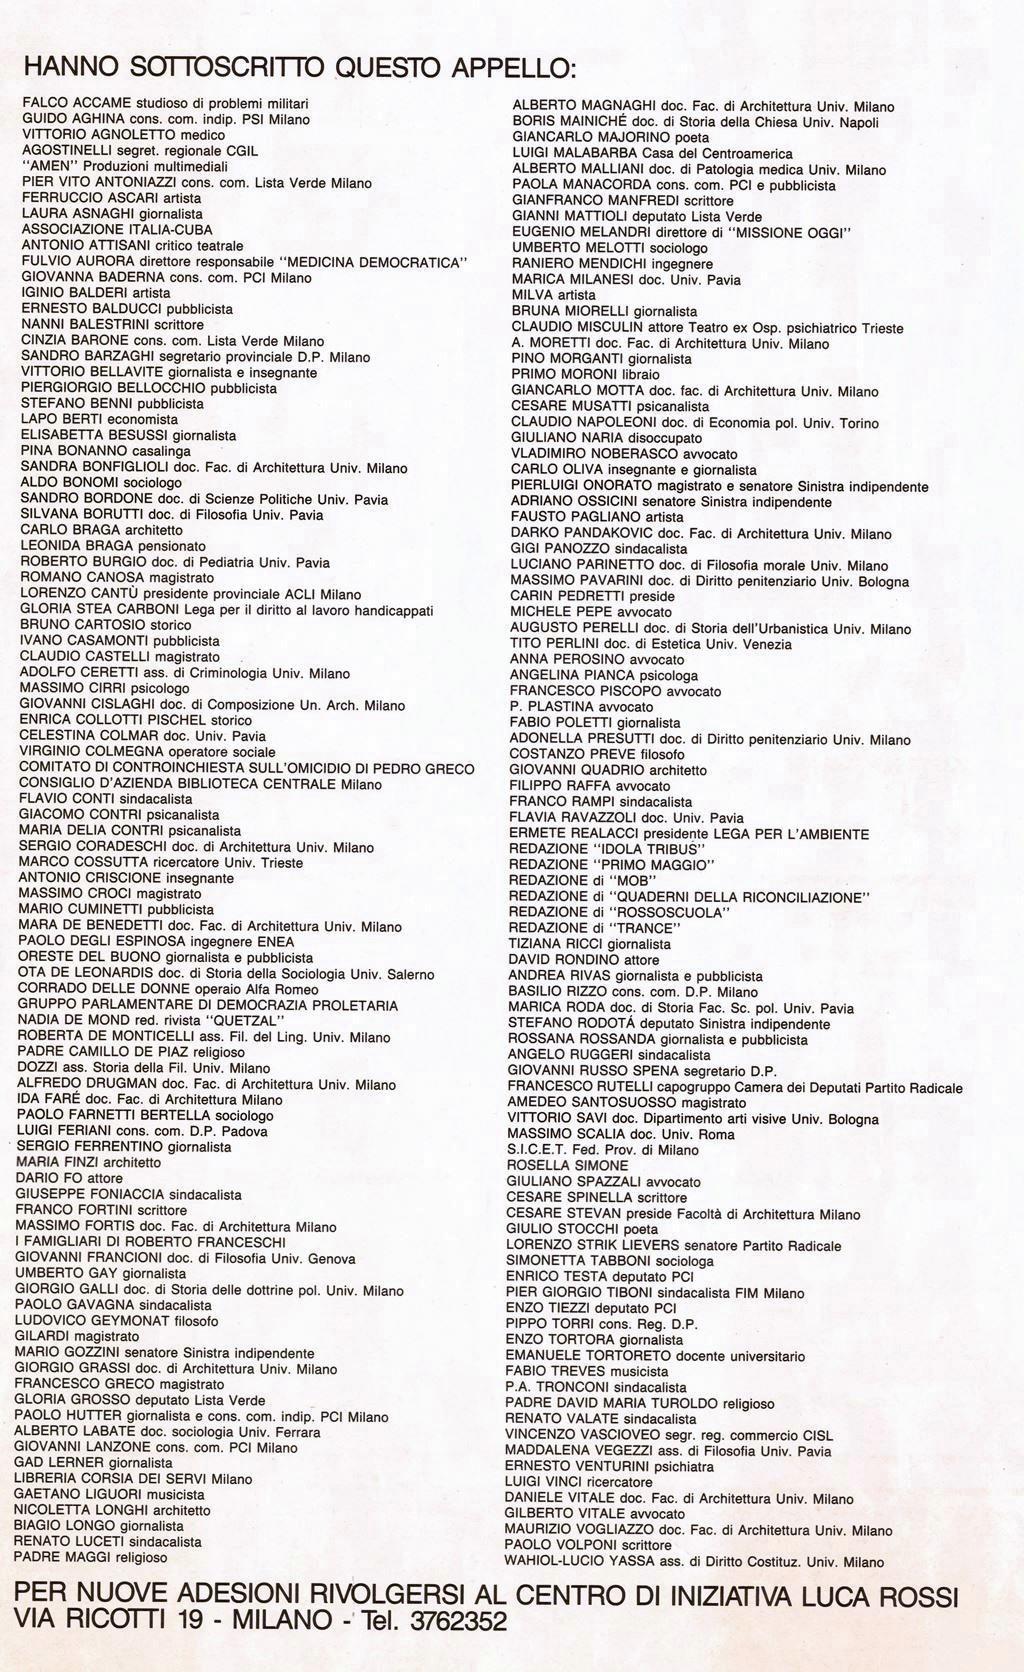 1987 Appello - firmatari